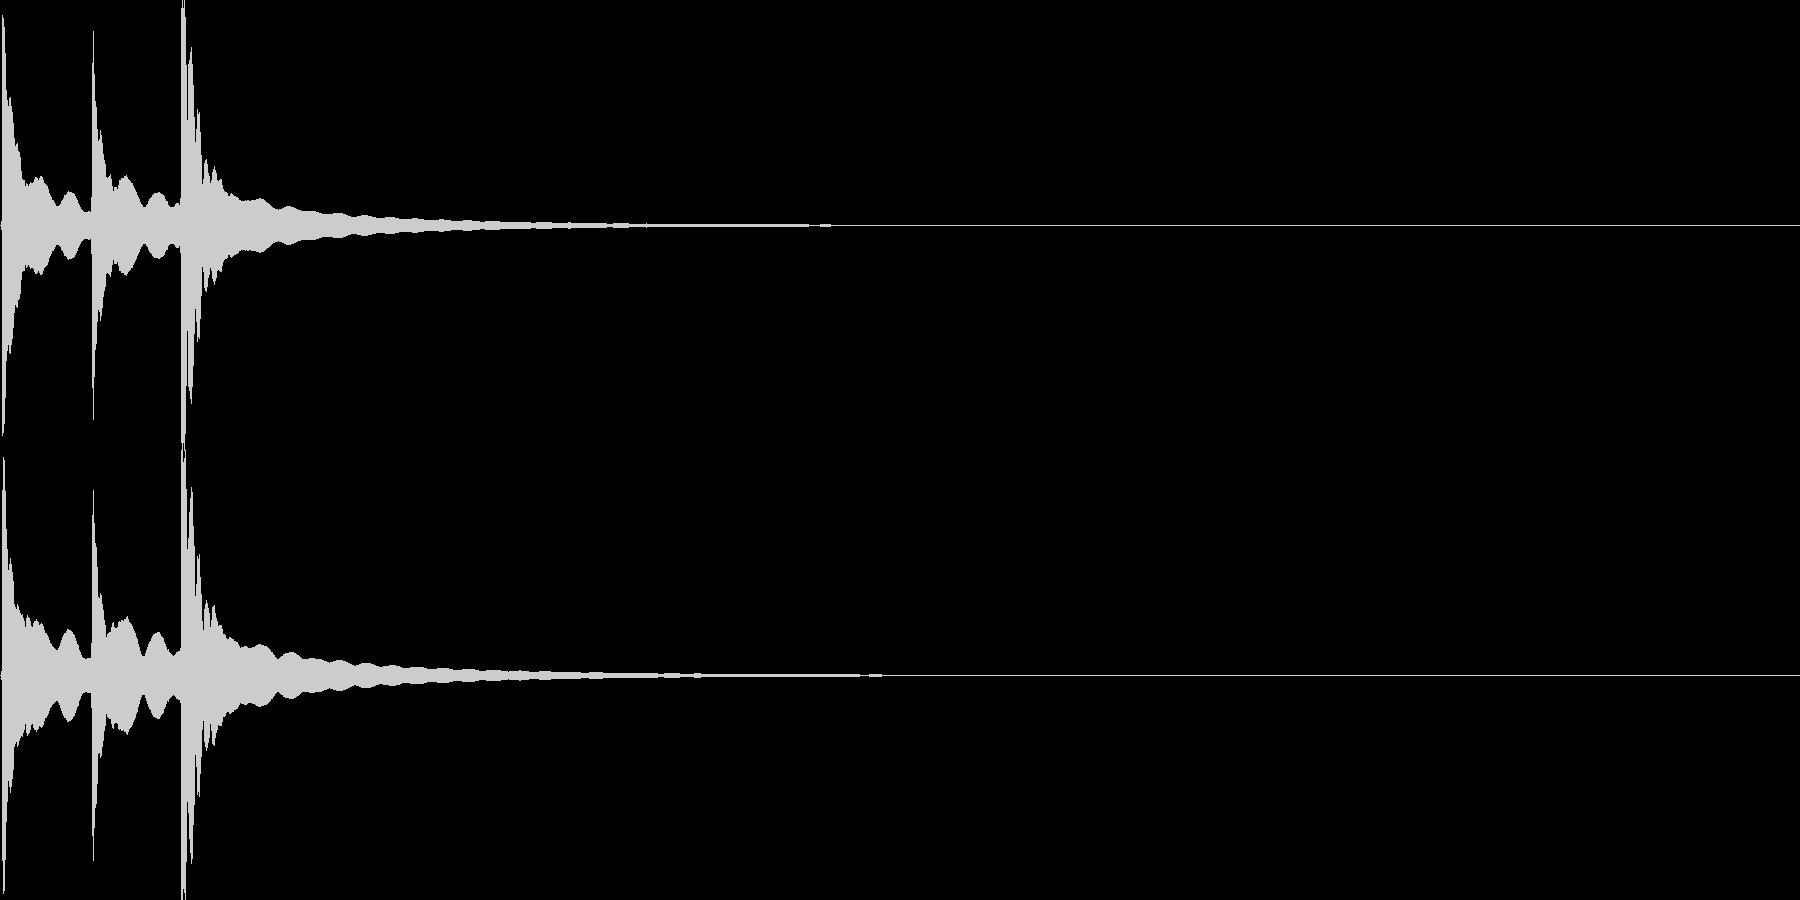 チーン(自転車のベル)3回【生録音】の未再生の波形